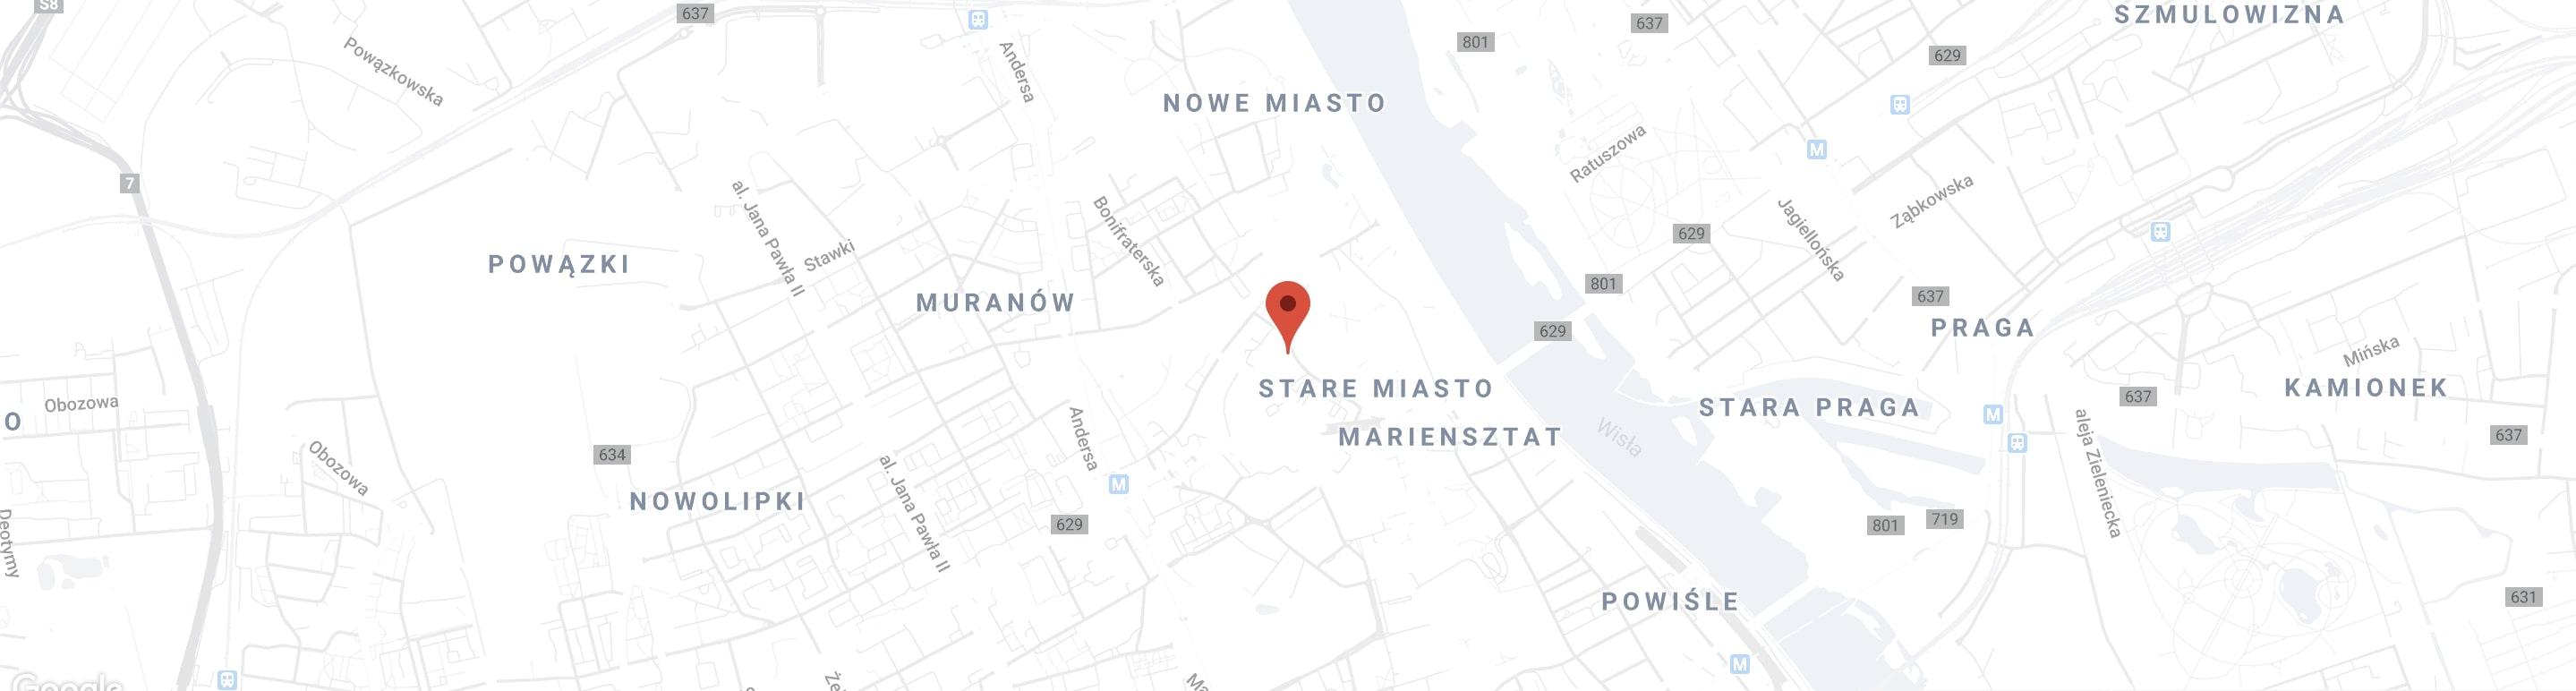 mapa stare miasto